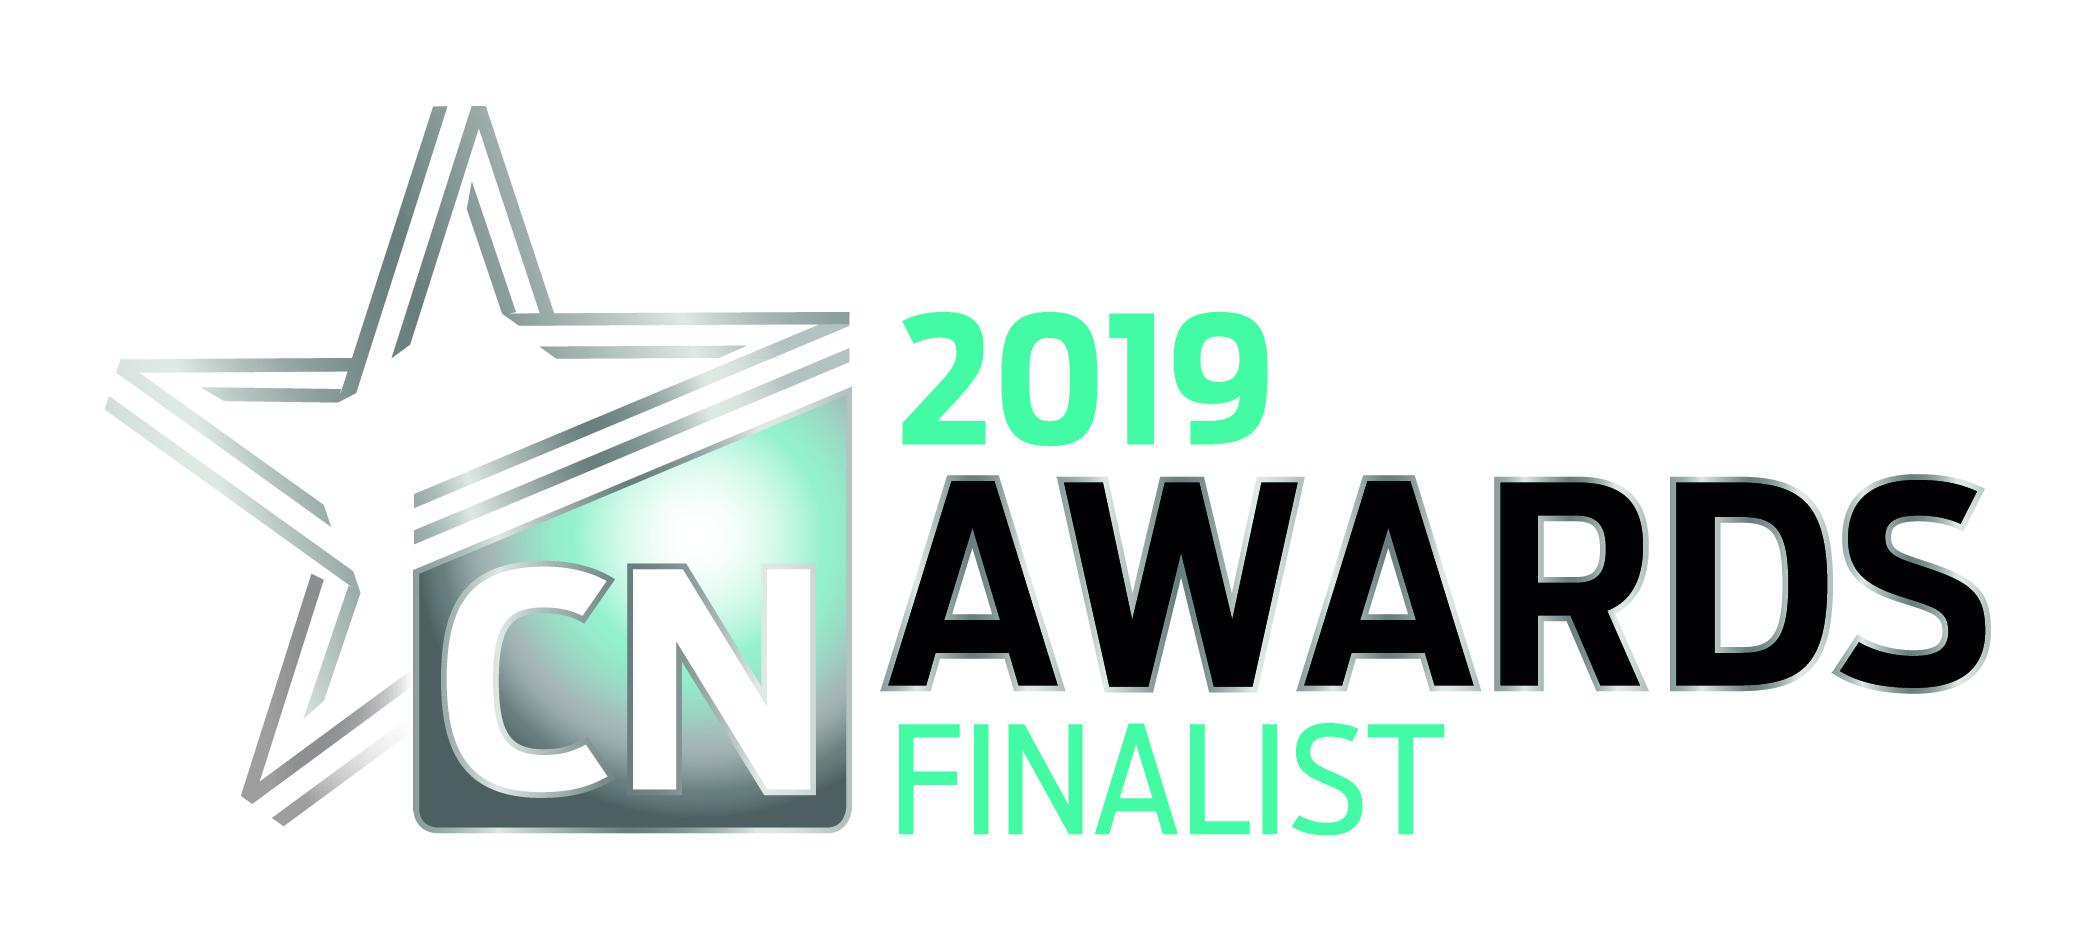 CN Award Finalist